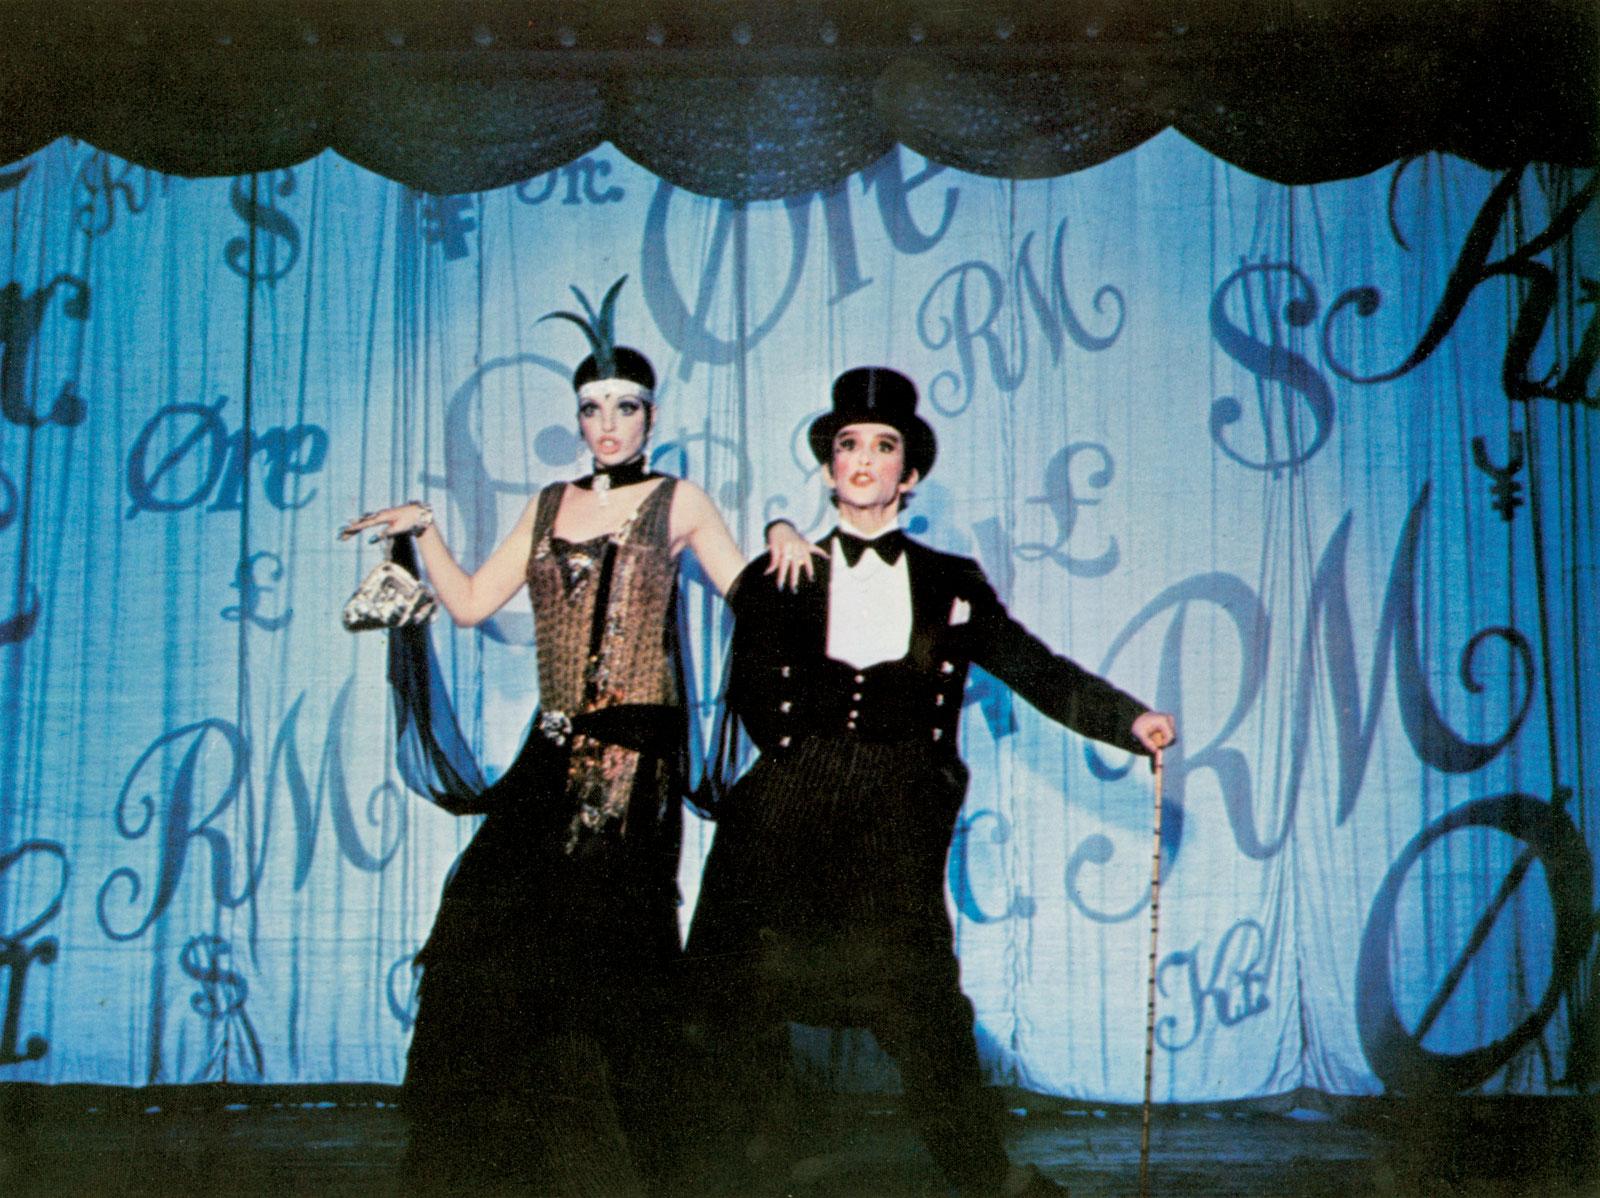 Texte invitation anniversaire cabaret